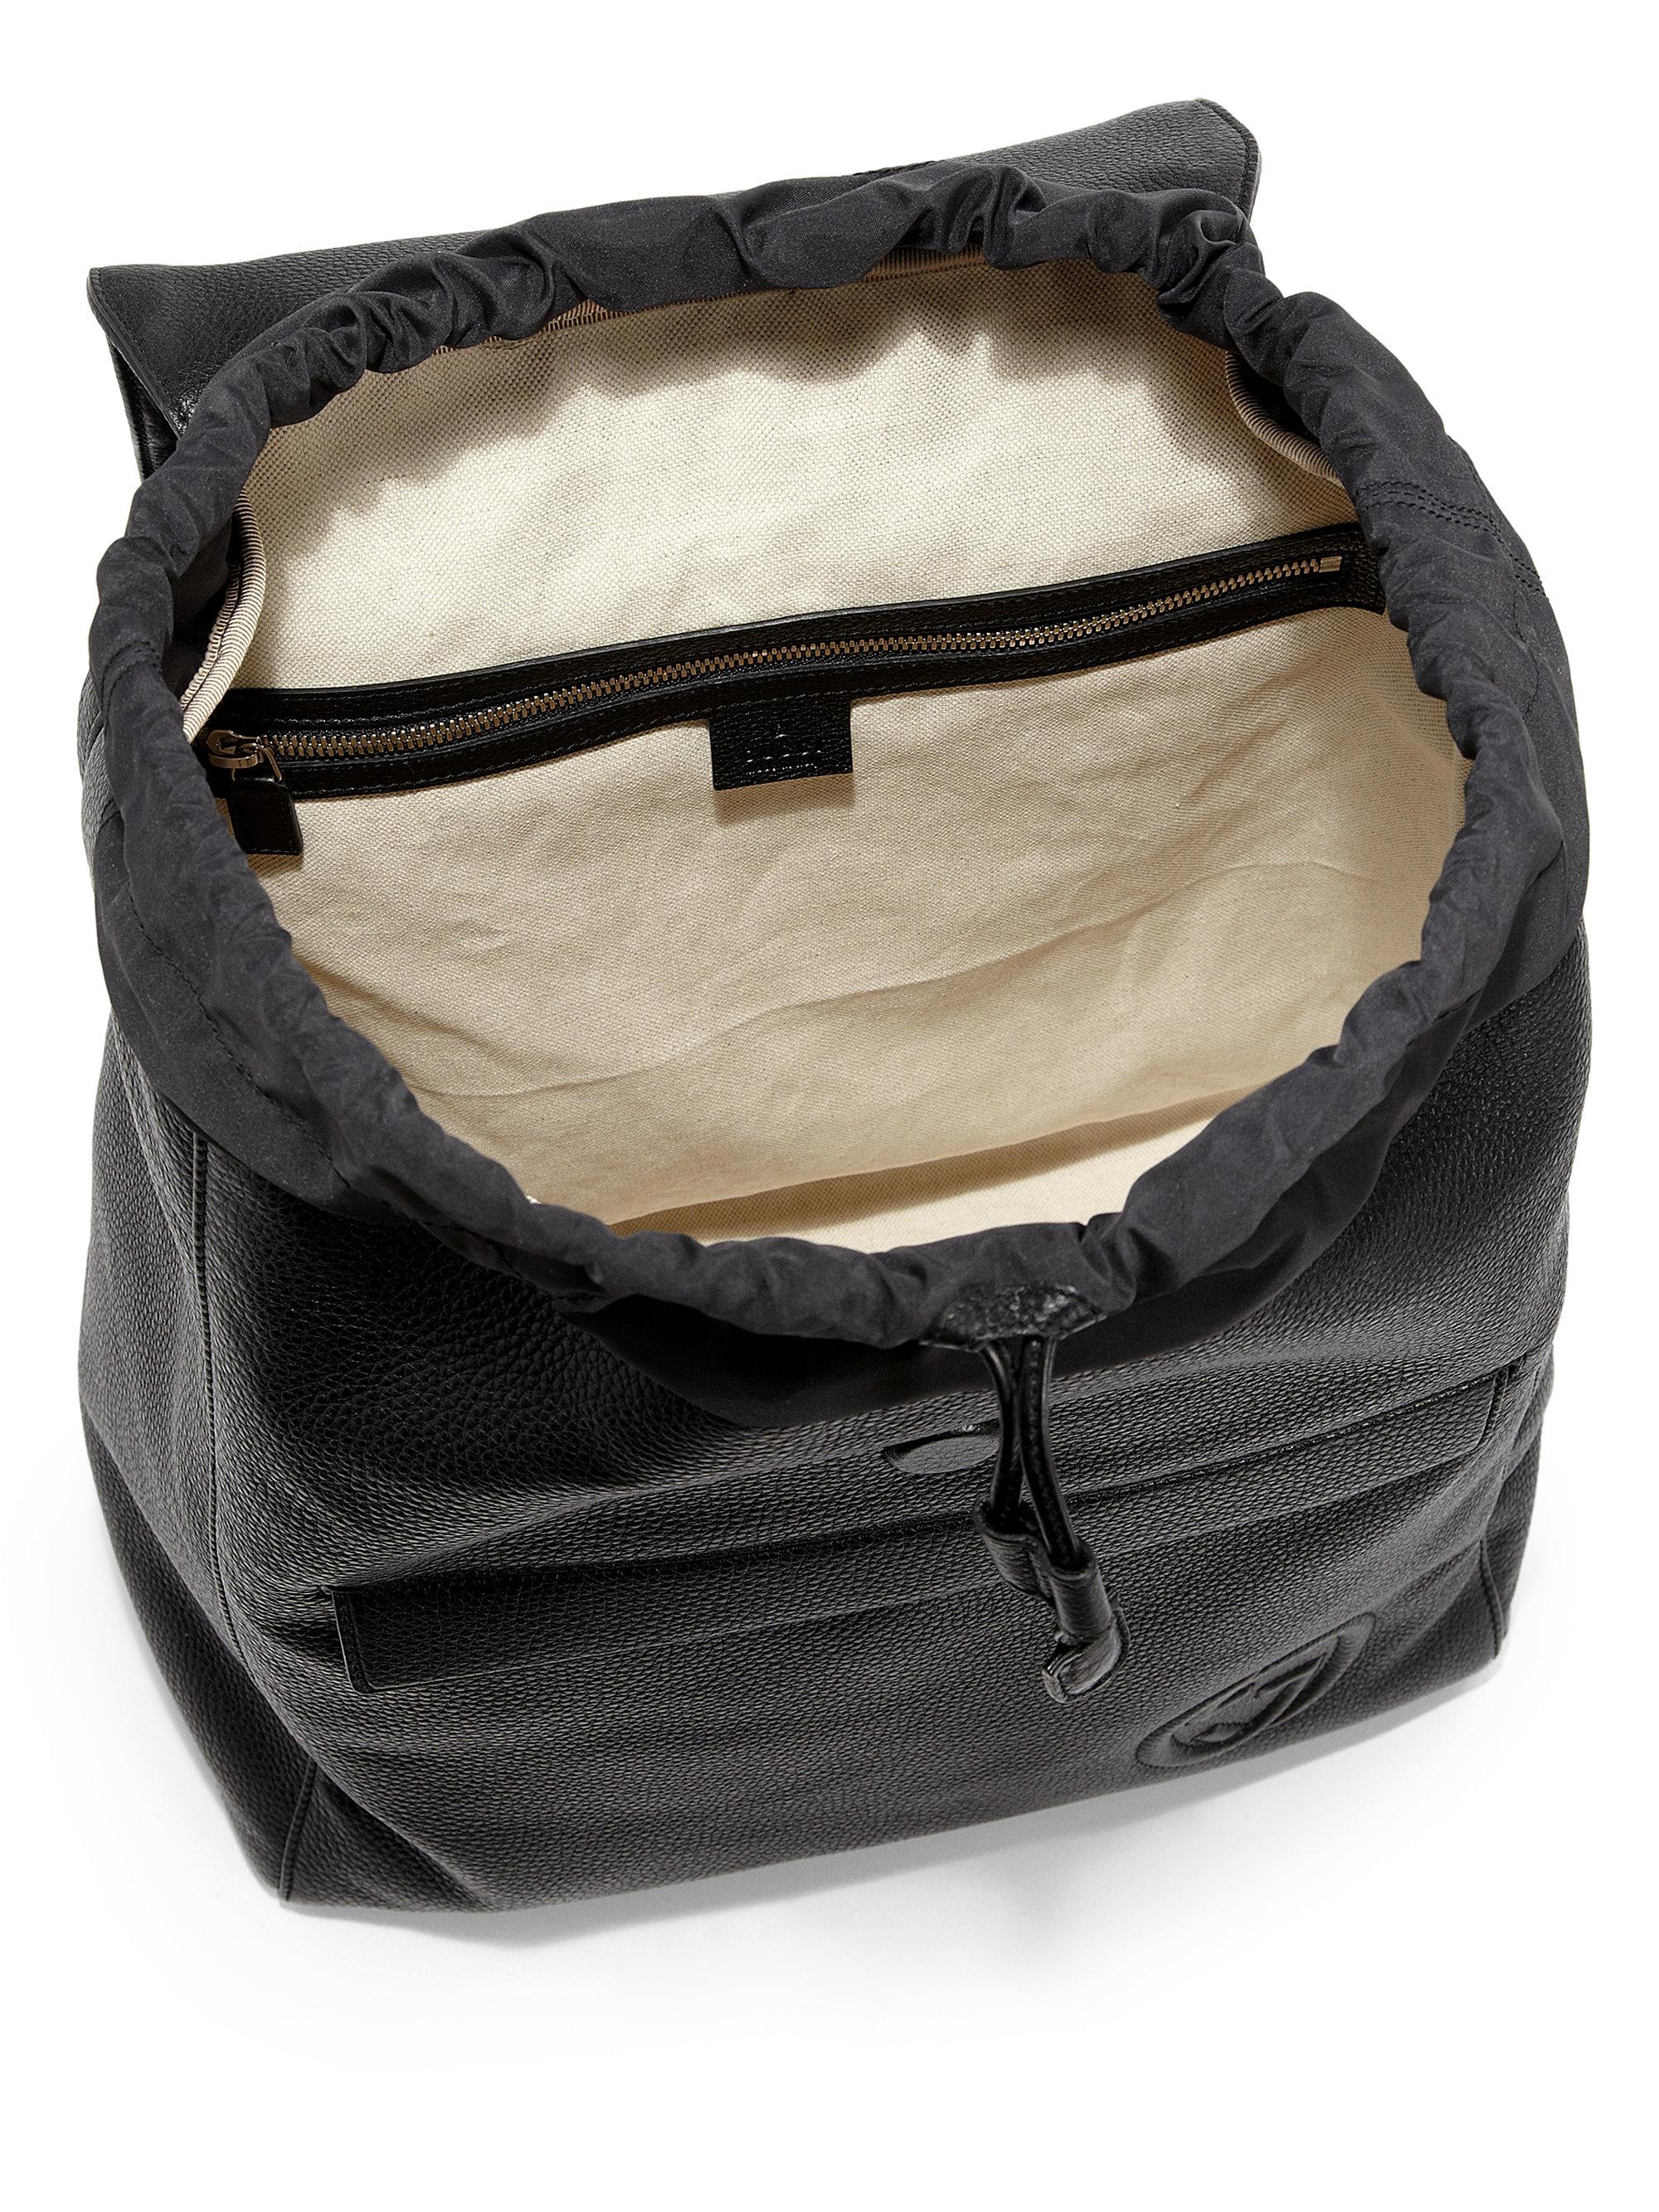 Pictures of Gucci Backpack Black - kidskunst.info 4c2d2328ad